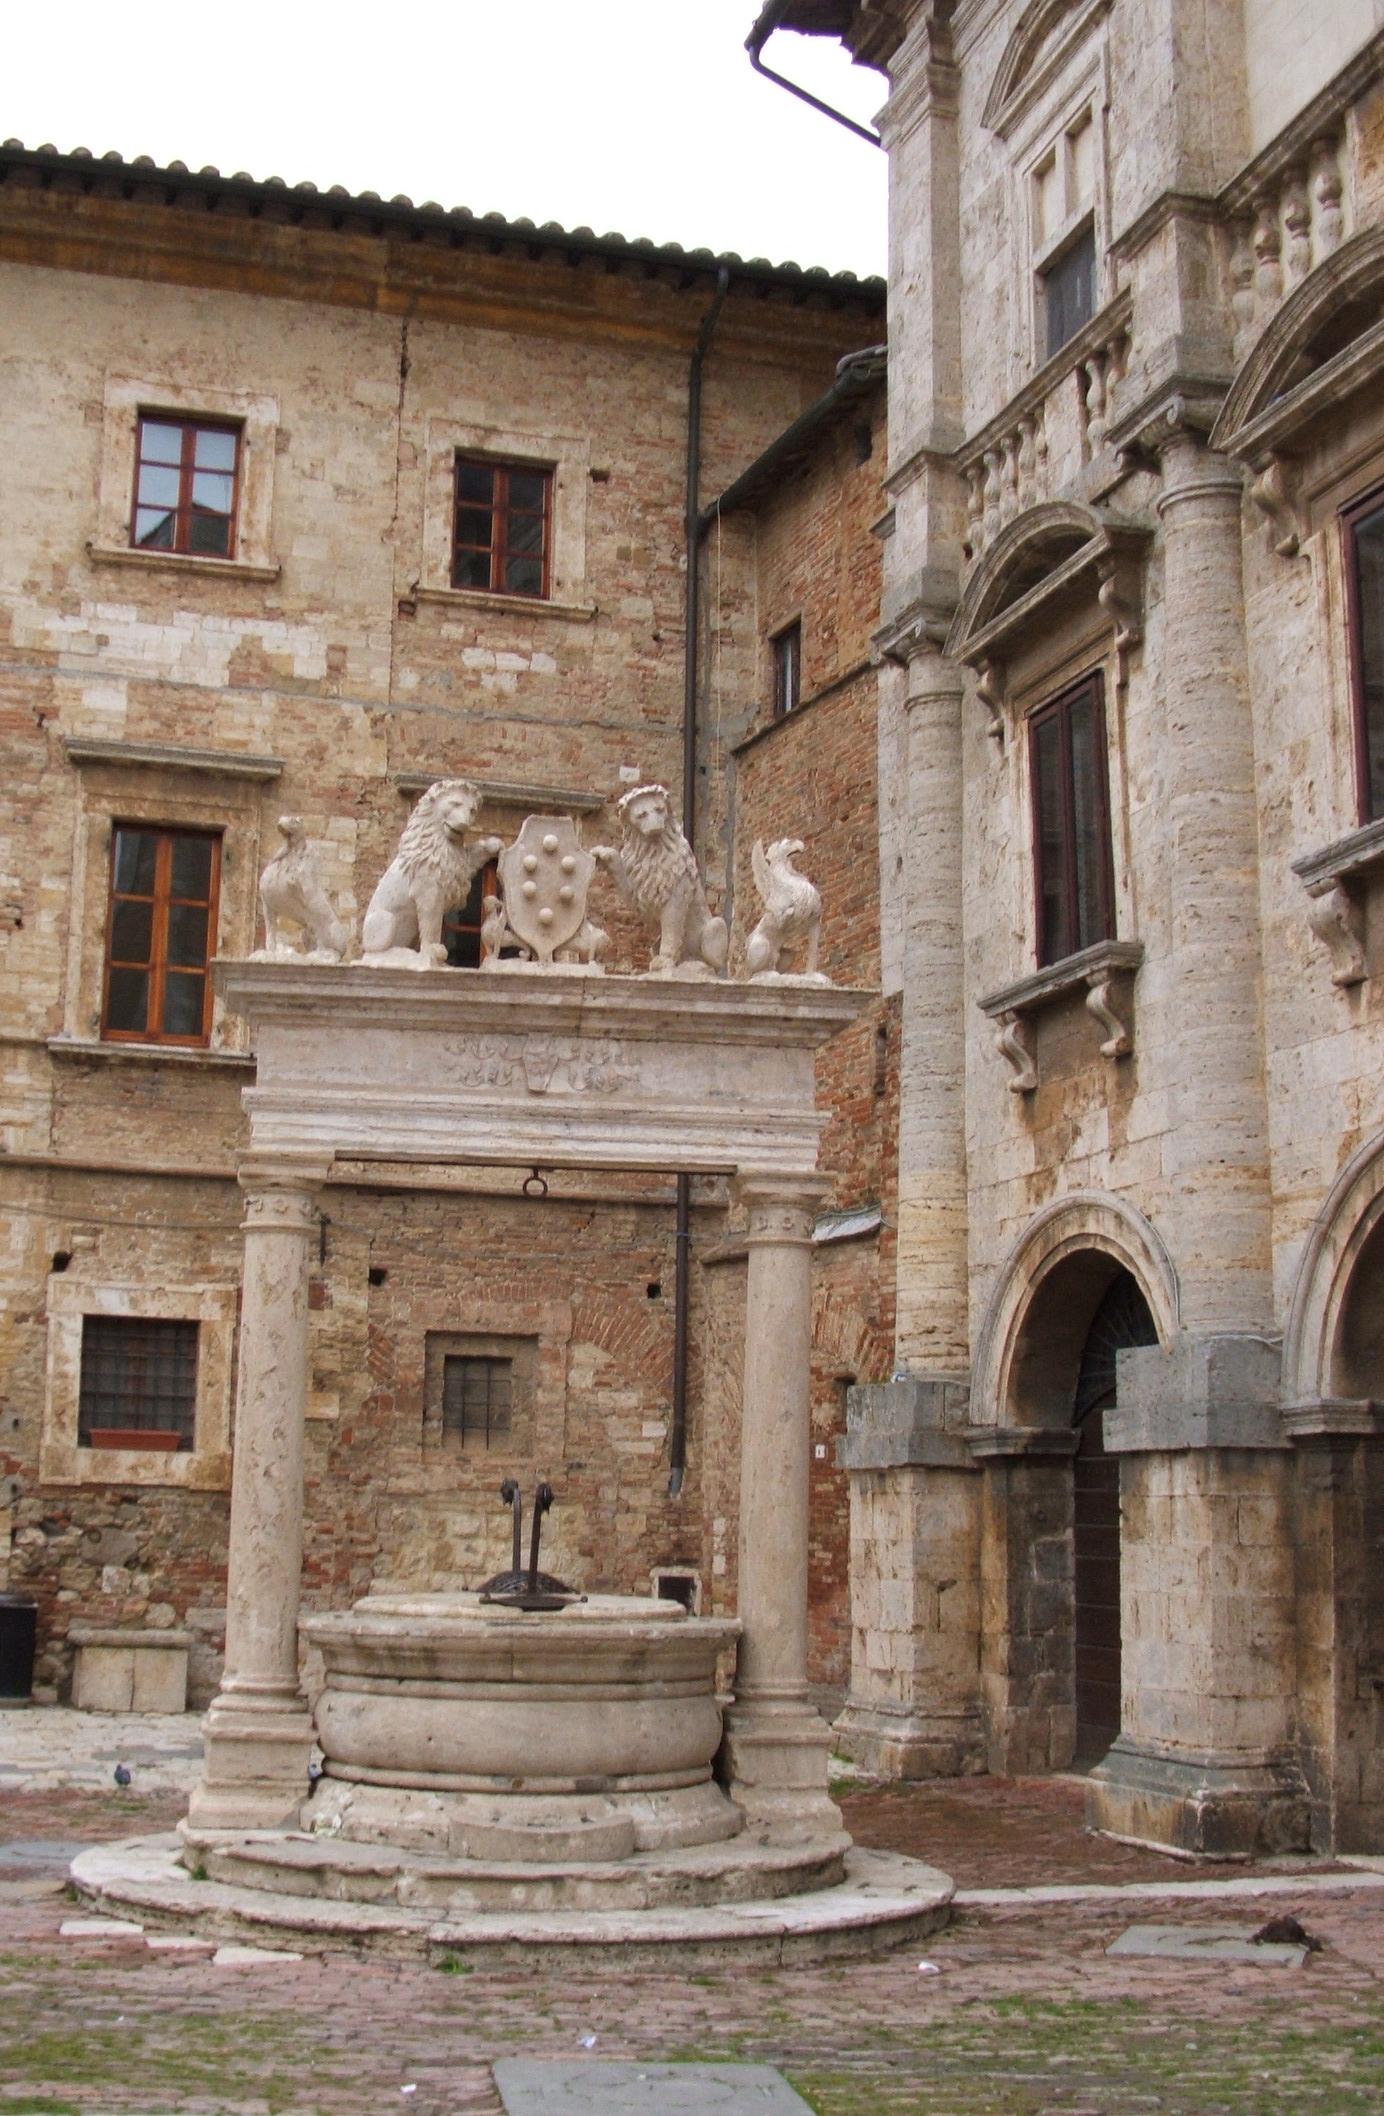 La citt di montepulciano for Palazzi davvero grandi